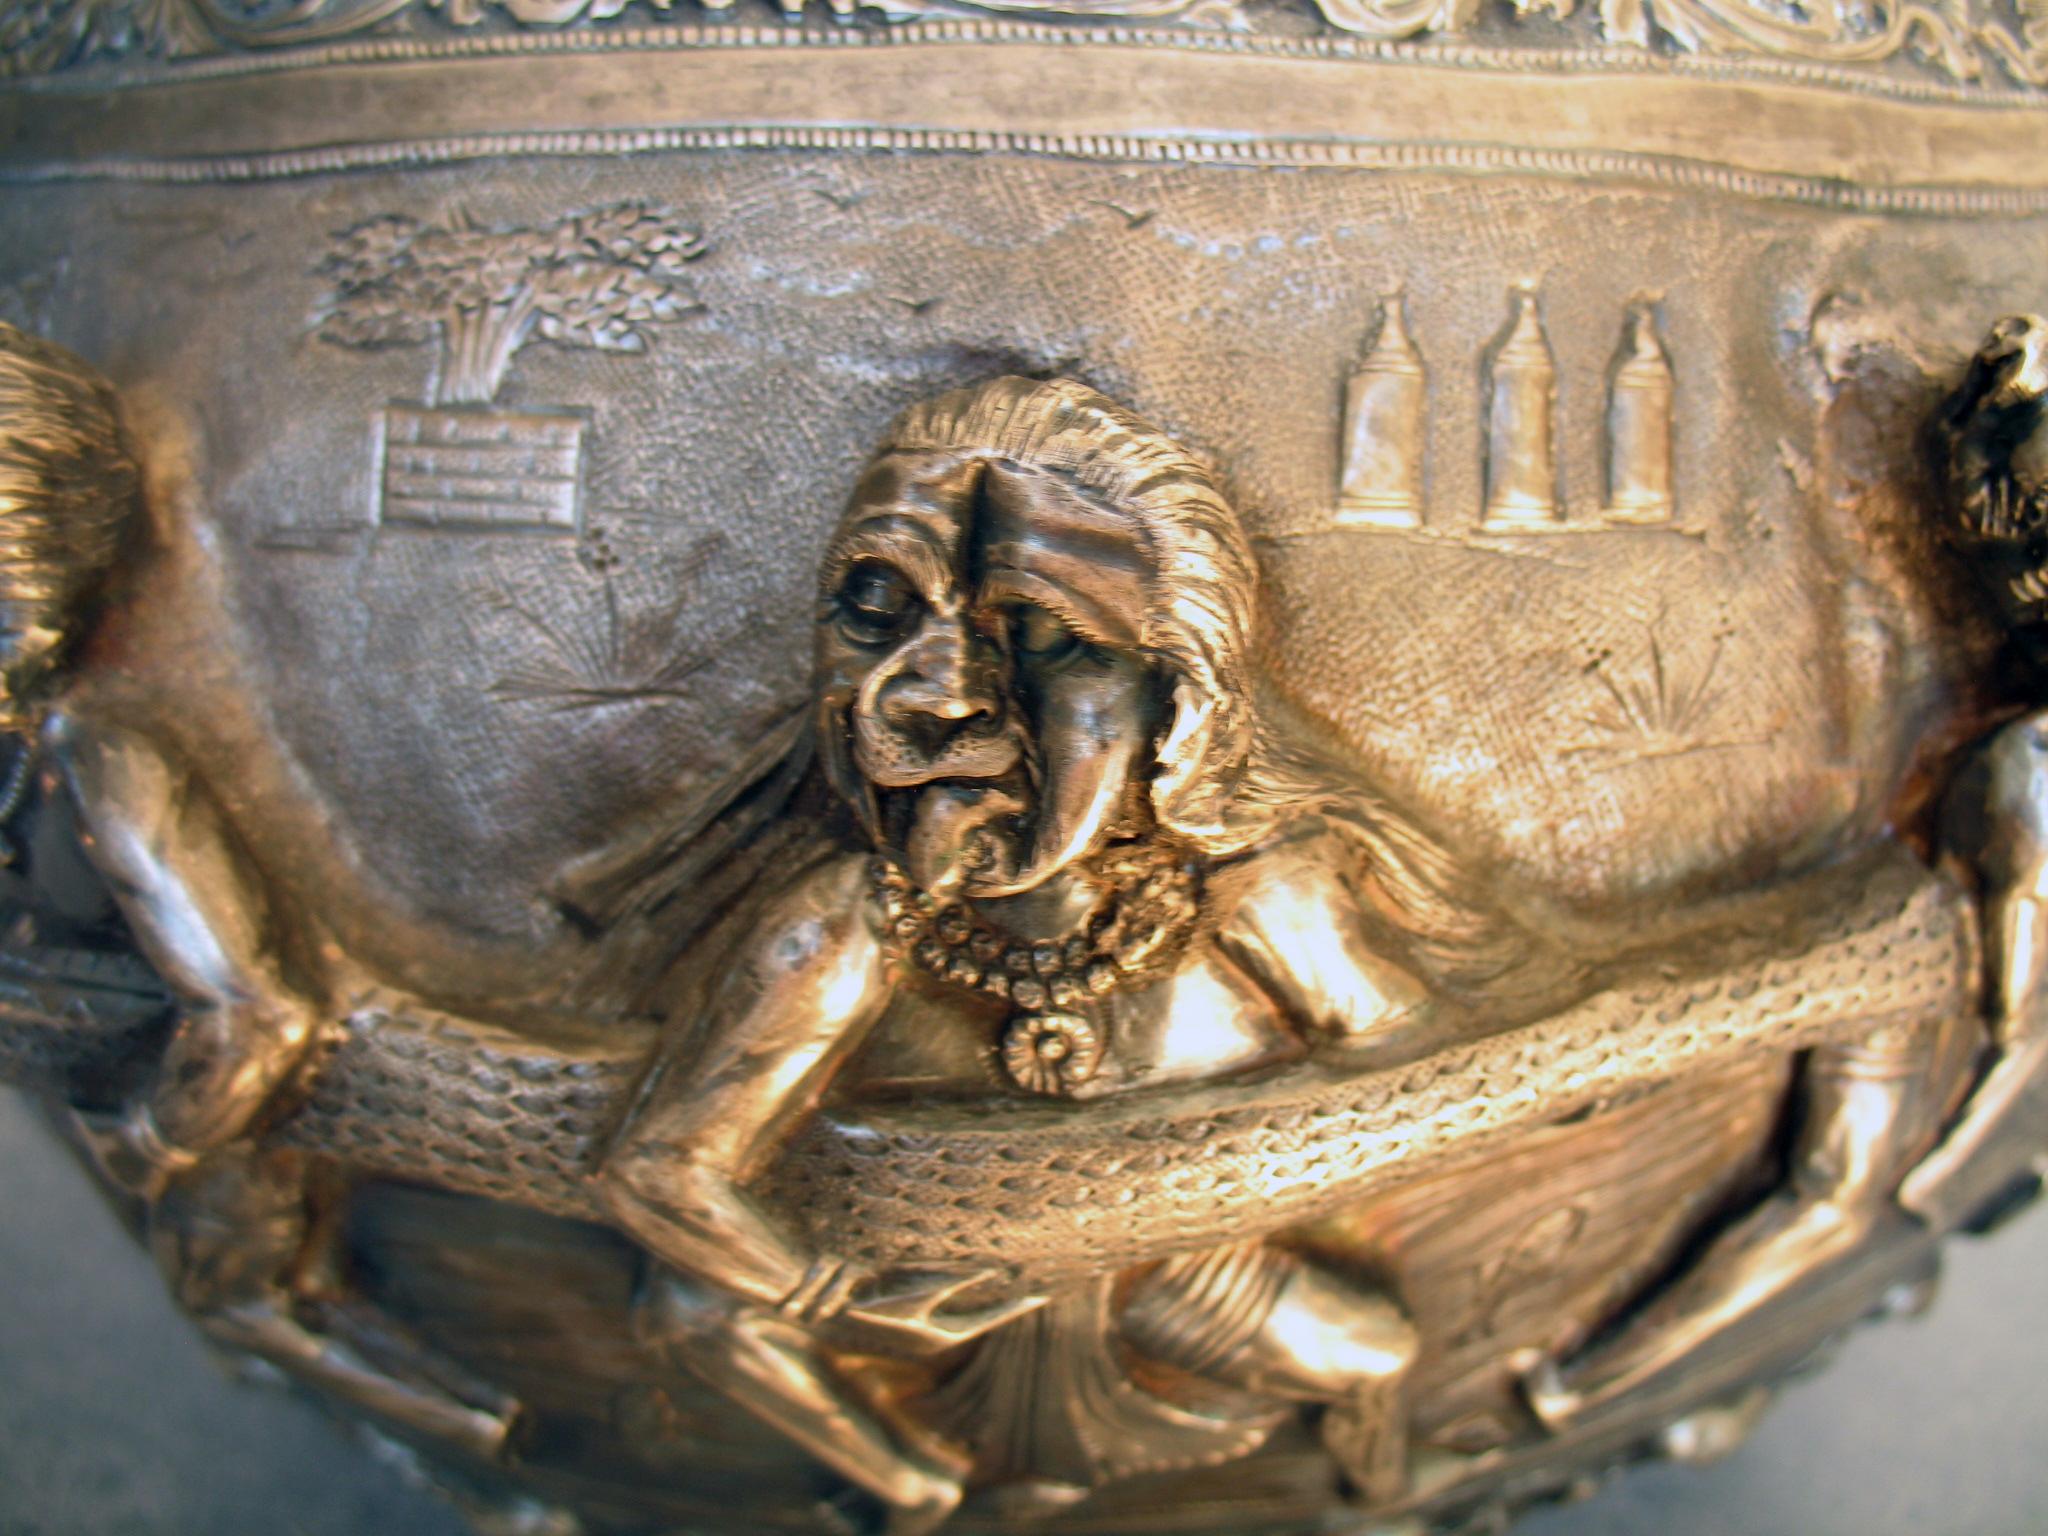 Burmese-silver-bowl-dented-face